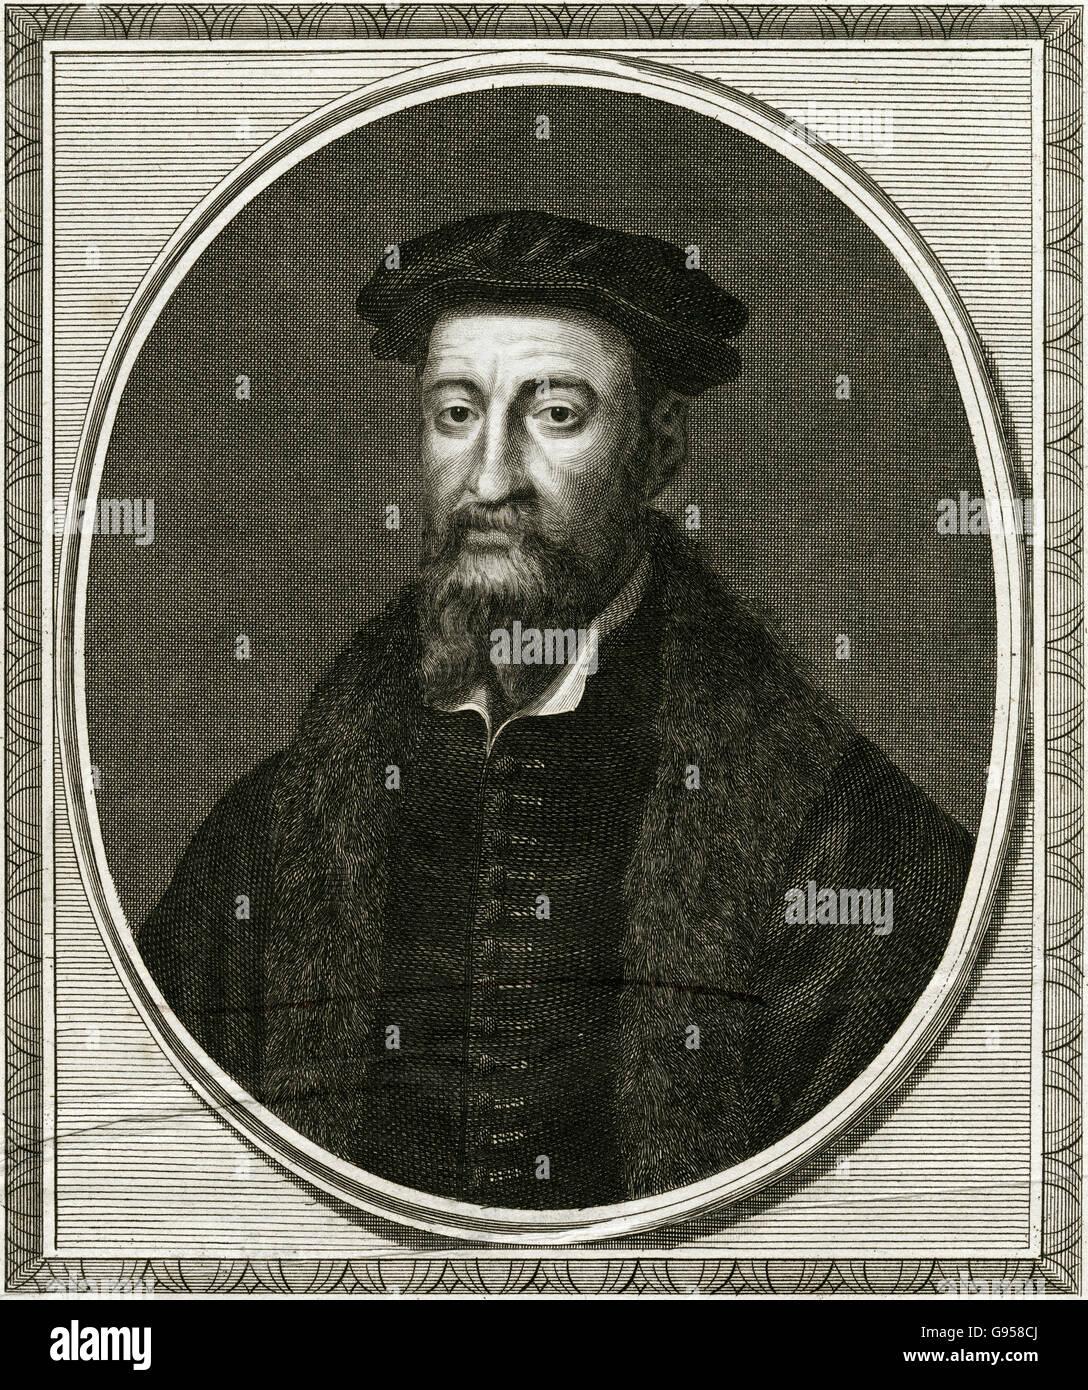 Antique 1705 engraving, Sir Thomas Smith (diplomat). SOURCE: ORIGINAL ENGRAVING. - Stock Image